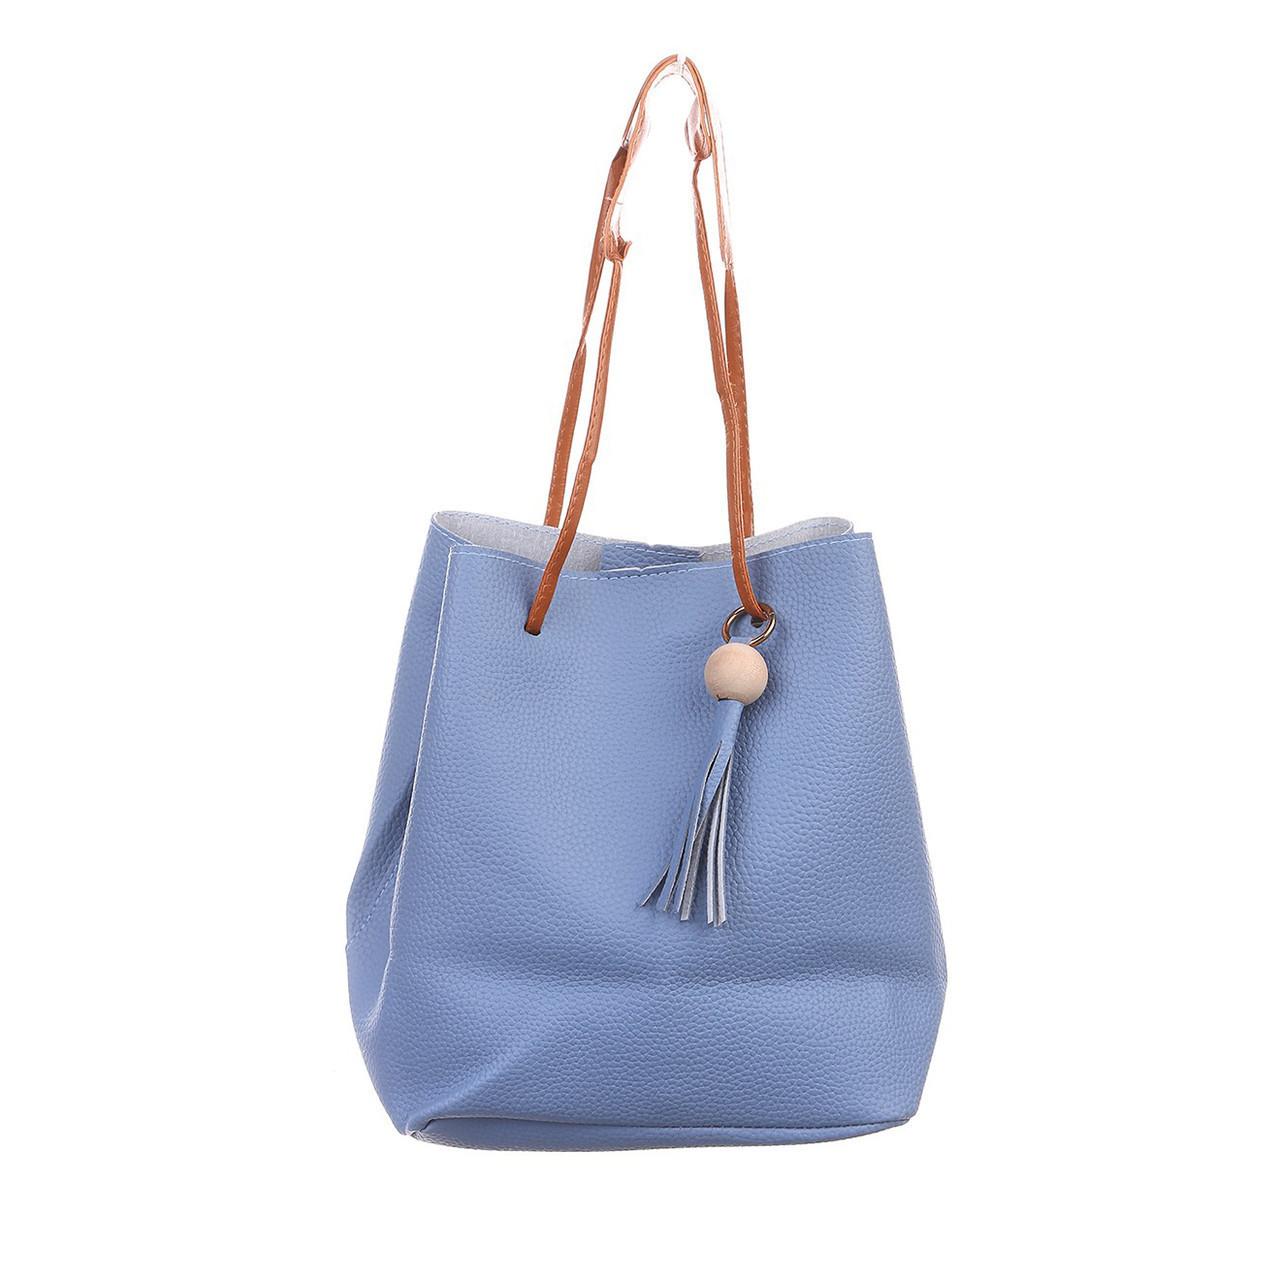 4f7c10645489 Женская сумка и кошелек AL-7334-50 - Интернет Магазин SOVA в Житомирской  области